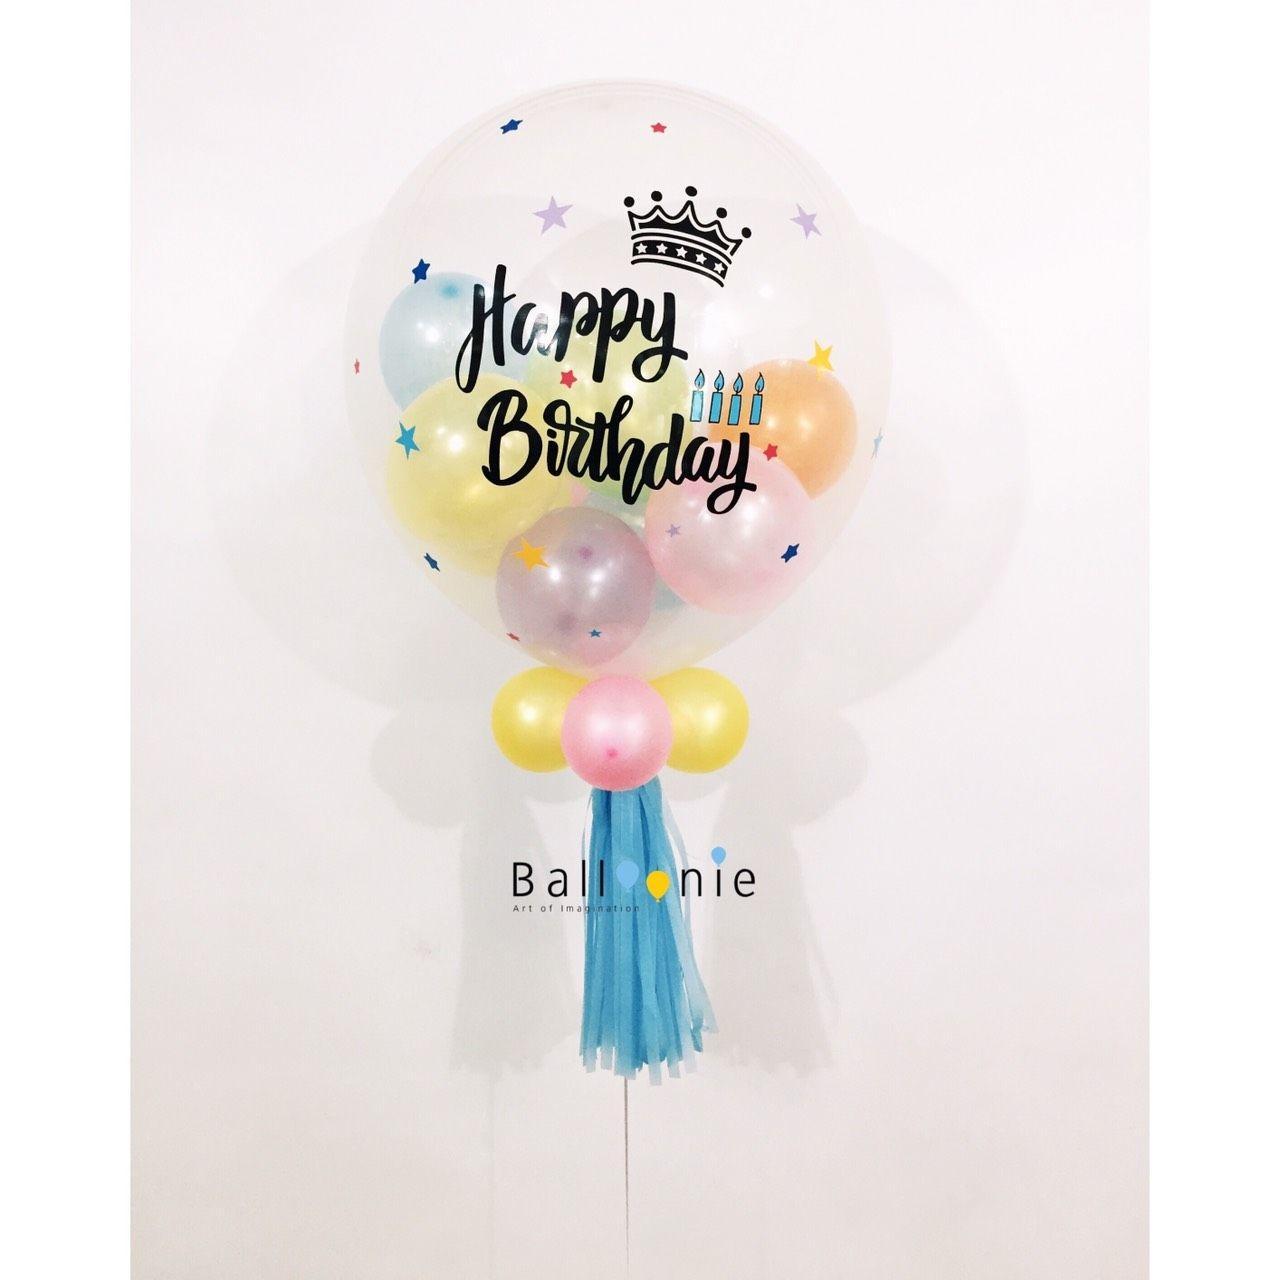 ลูกโป่ง 20 นิ้ว  balloon in balloon พร้อมข้อความ